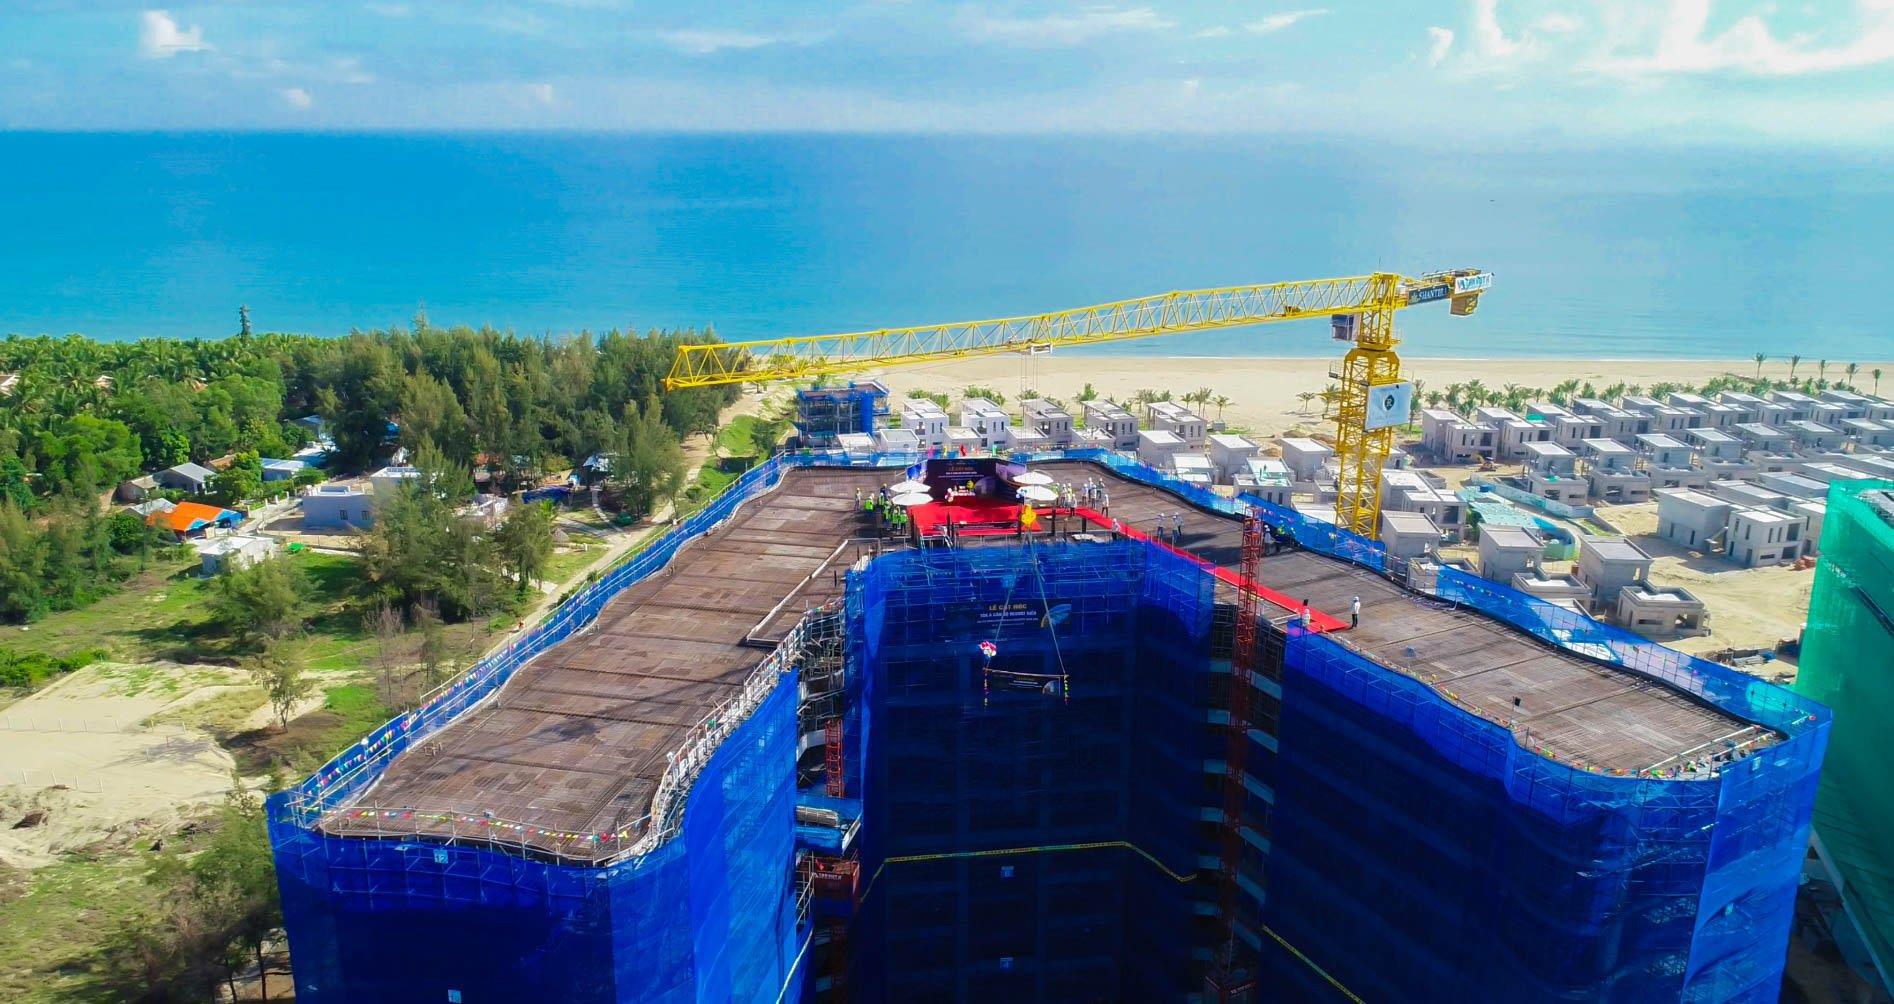 Cất nóc tòa căn hộ resort biển Dự án Shantira Beach Resort & Spa - Ảnh 1.